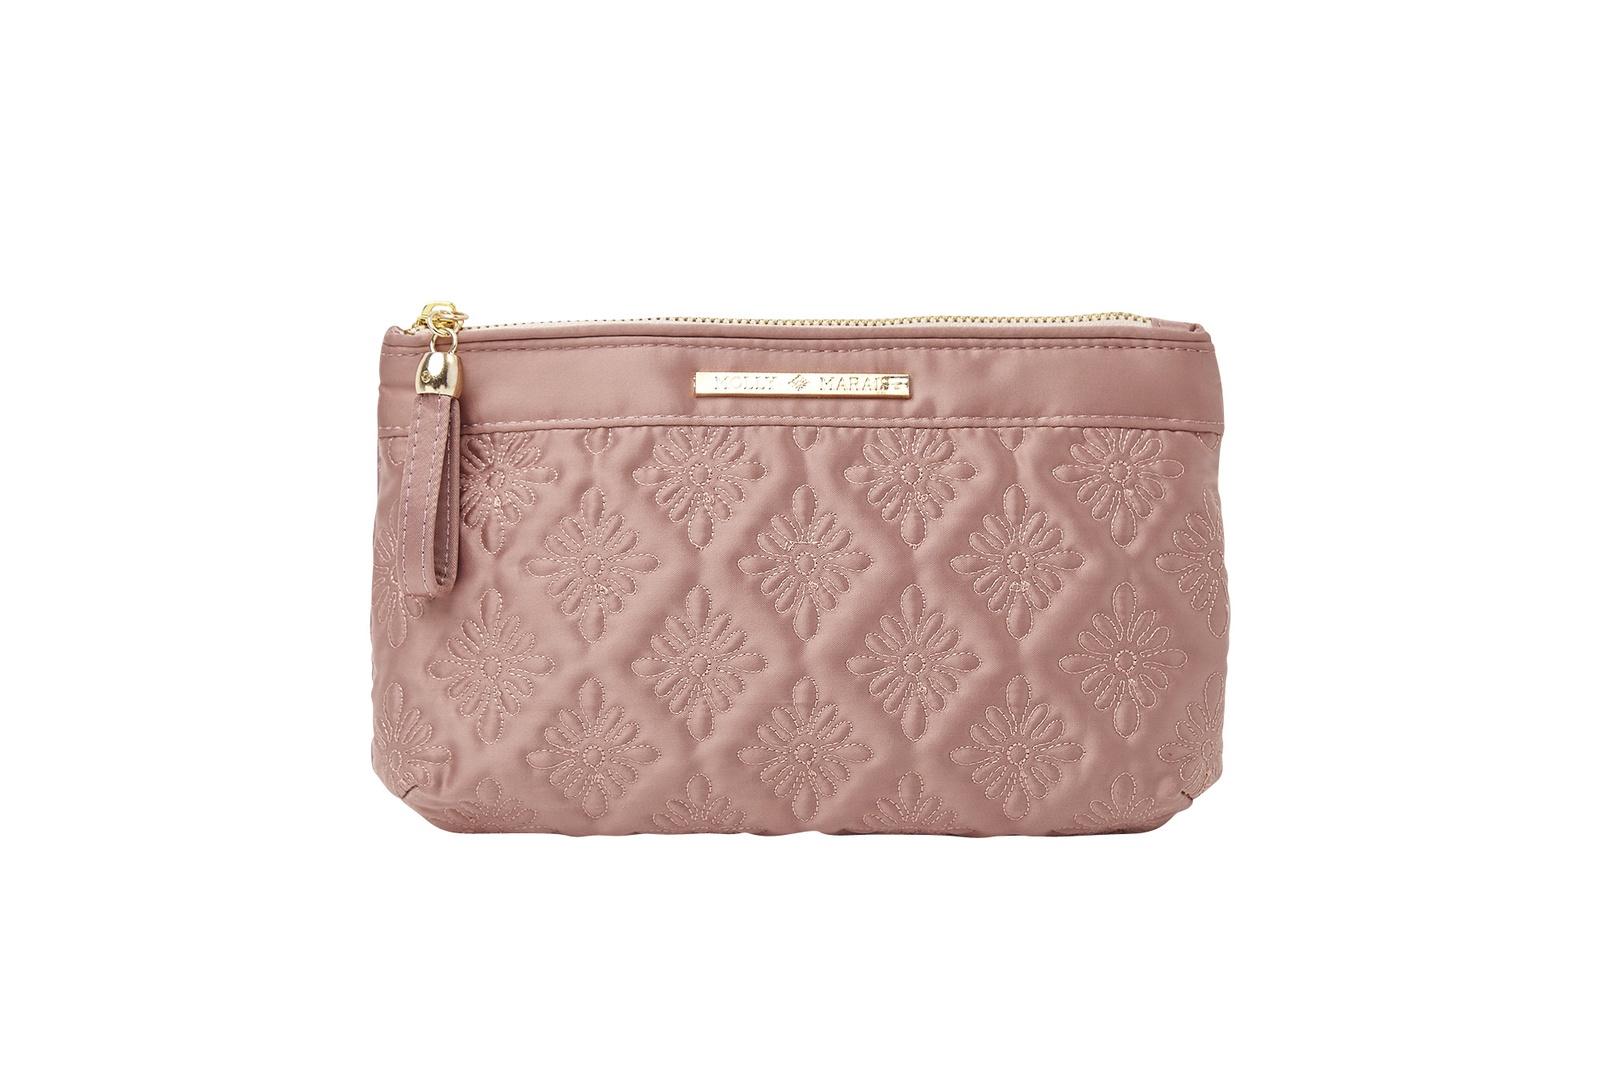 Косметичка женская Molly Marais, цвет: розовый. BA610035 косметичка женская kimmidoll цвет розовый kf1193